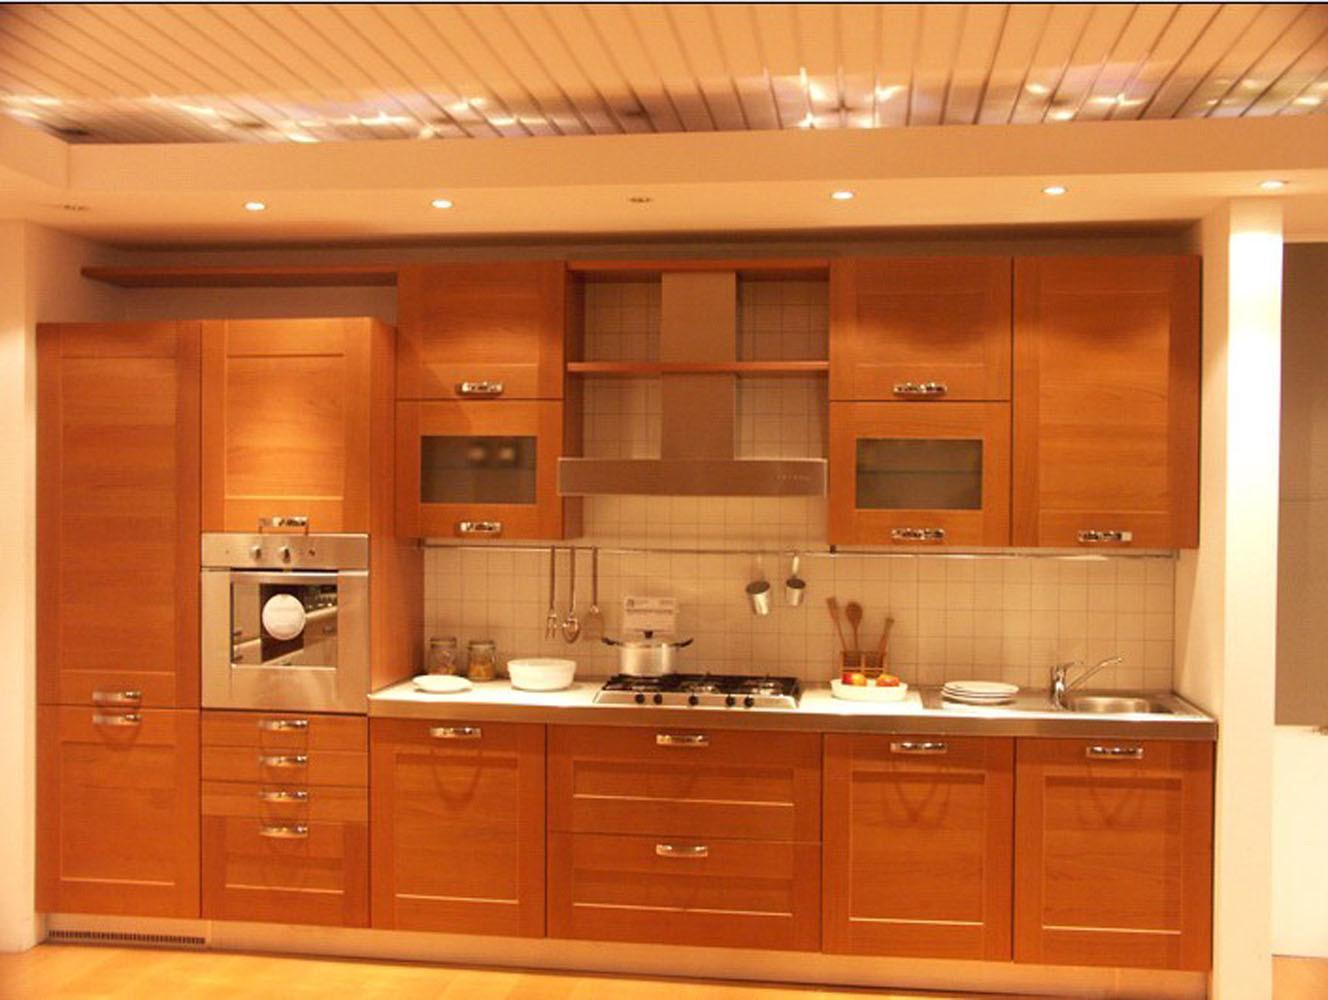 Foto de roble rojo arce gabinetes de cocina de madera for Gabinetes de madera para cocina